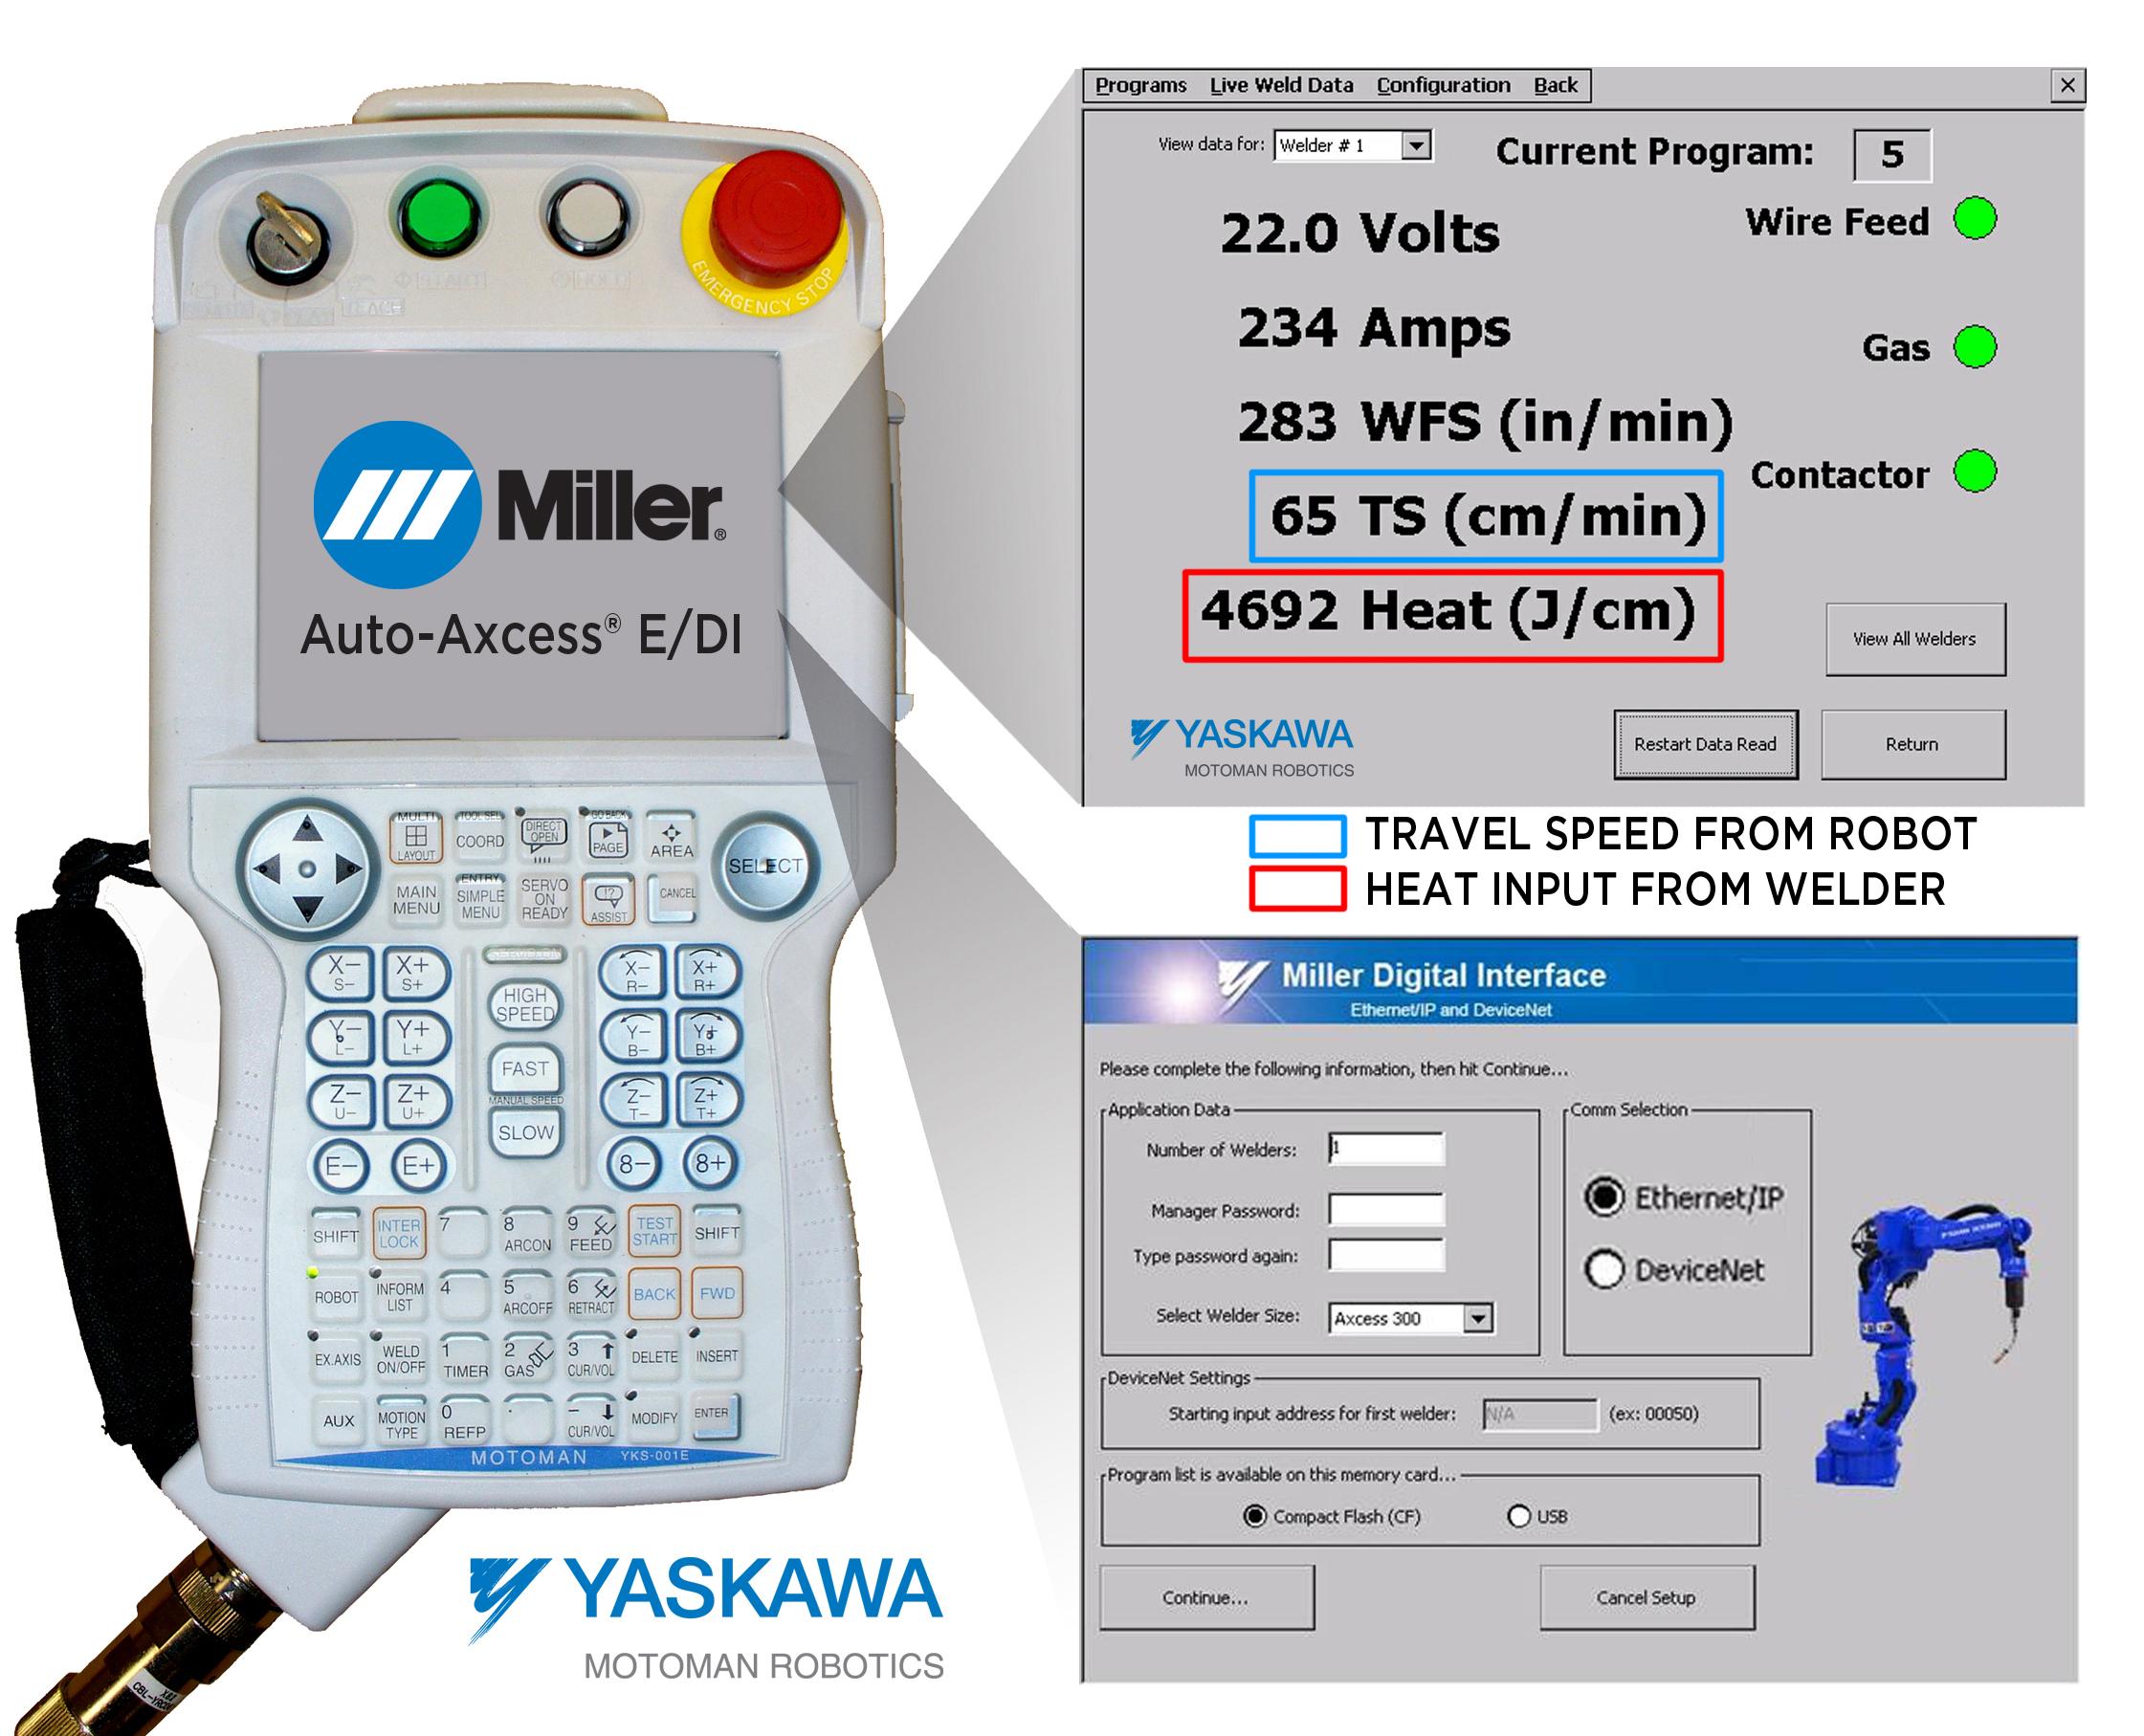 Robotics News Yaskawa Motoman Releases